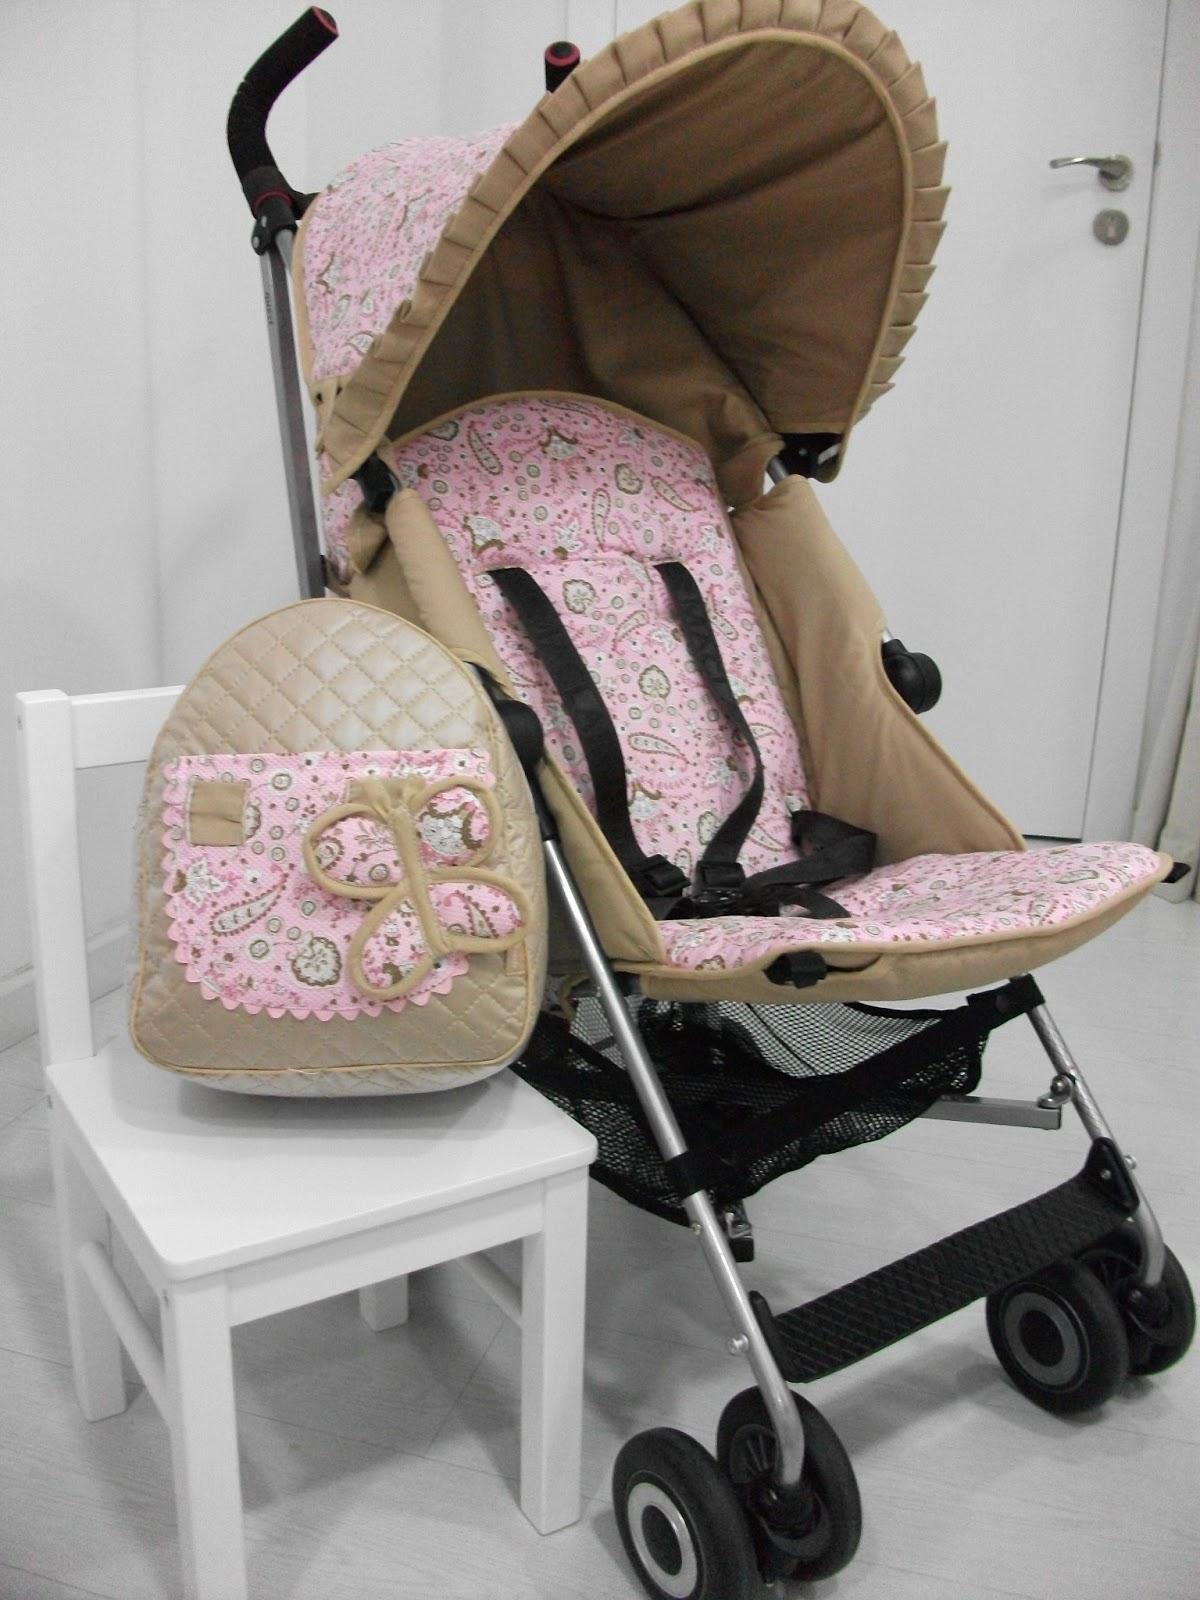 Sacos de silla ideas para dise ar vuestro saco de silla so ado - Sacos para silla maclaren ...